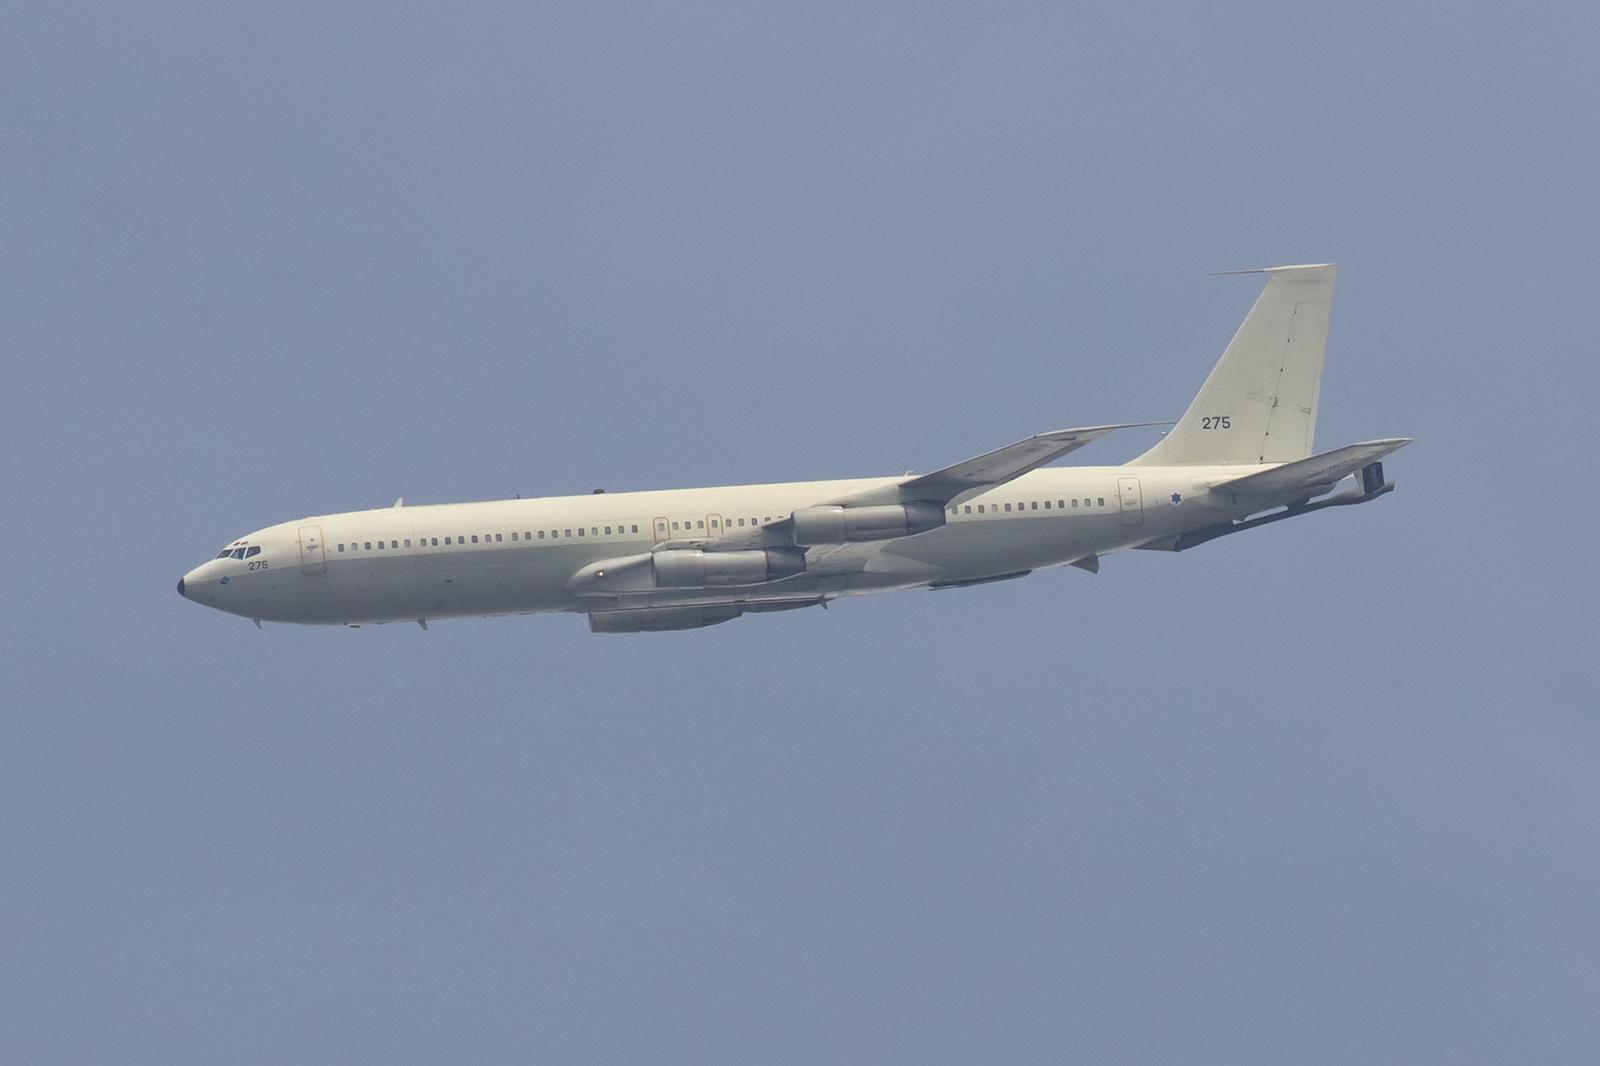 Hoch über dem Platz dreht die Boeing ein.